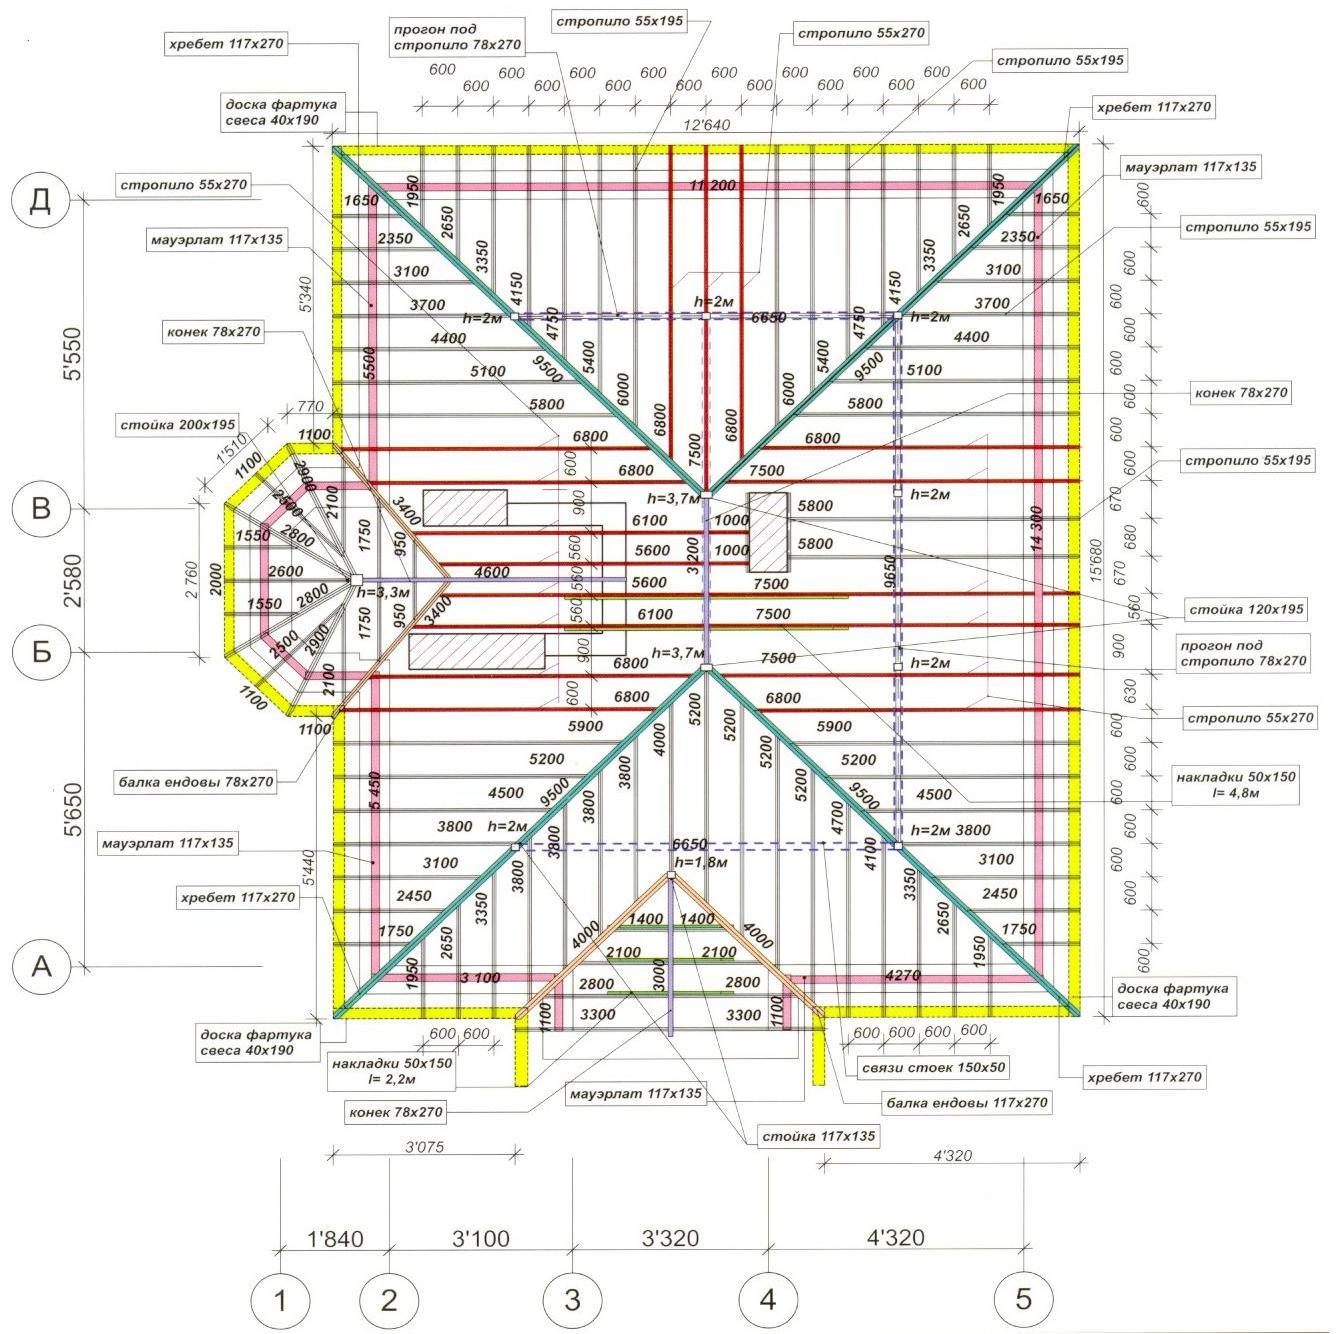 Схема узлов в пожаротушении